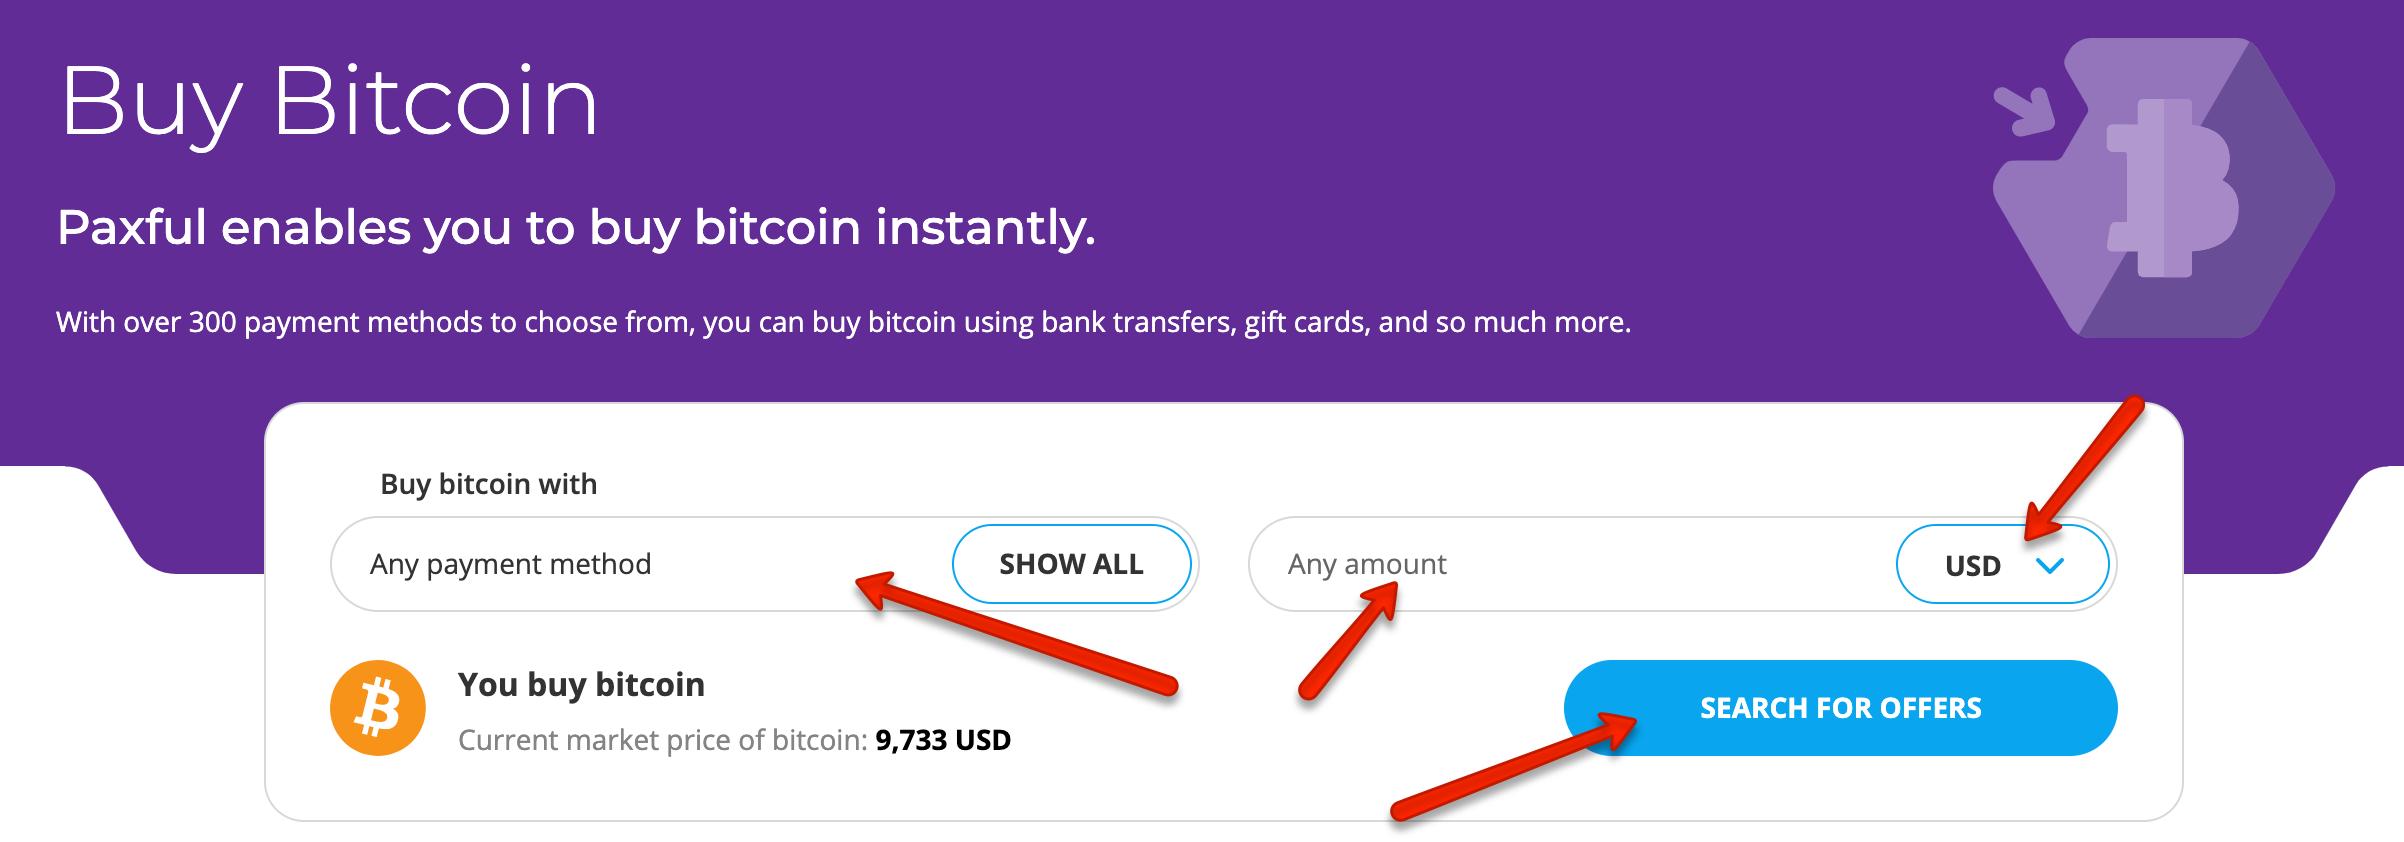 can i buy any amount of bitcoin